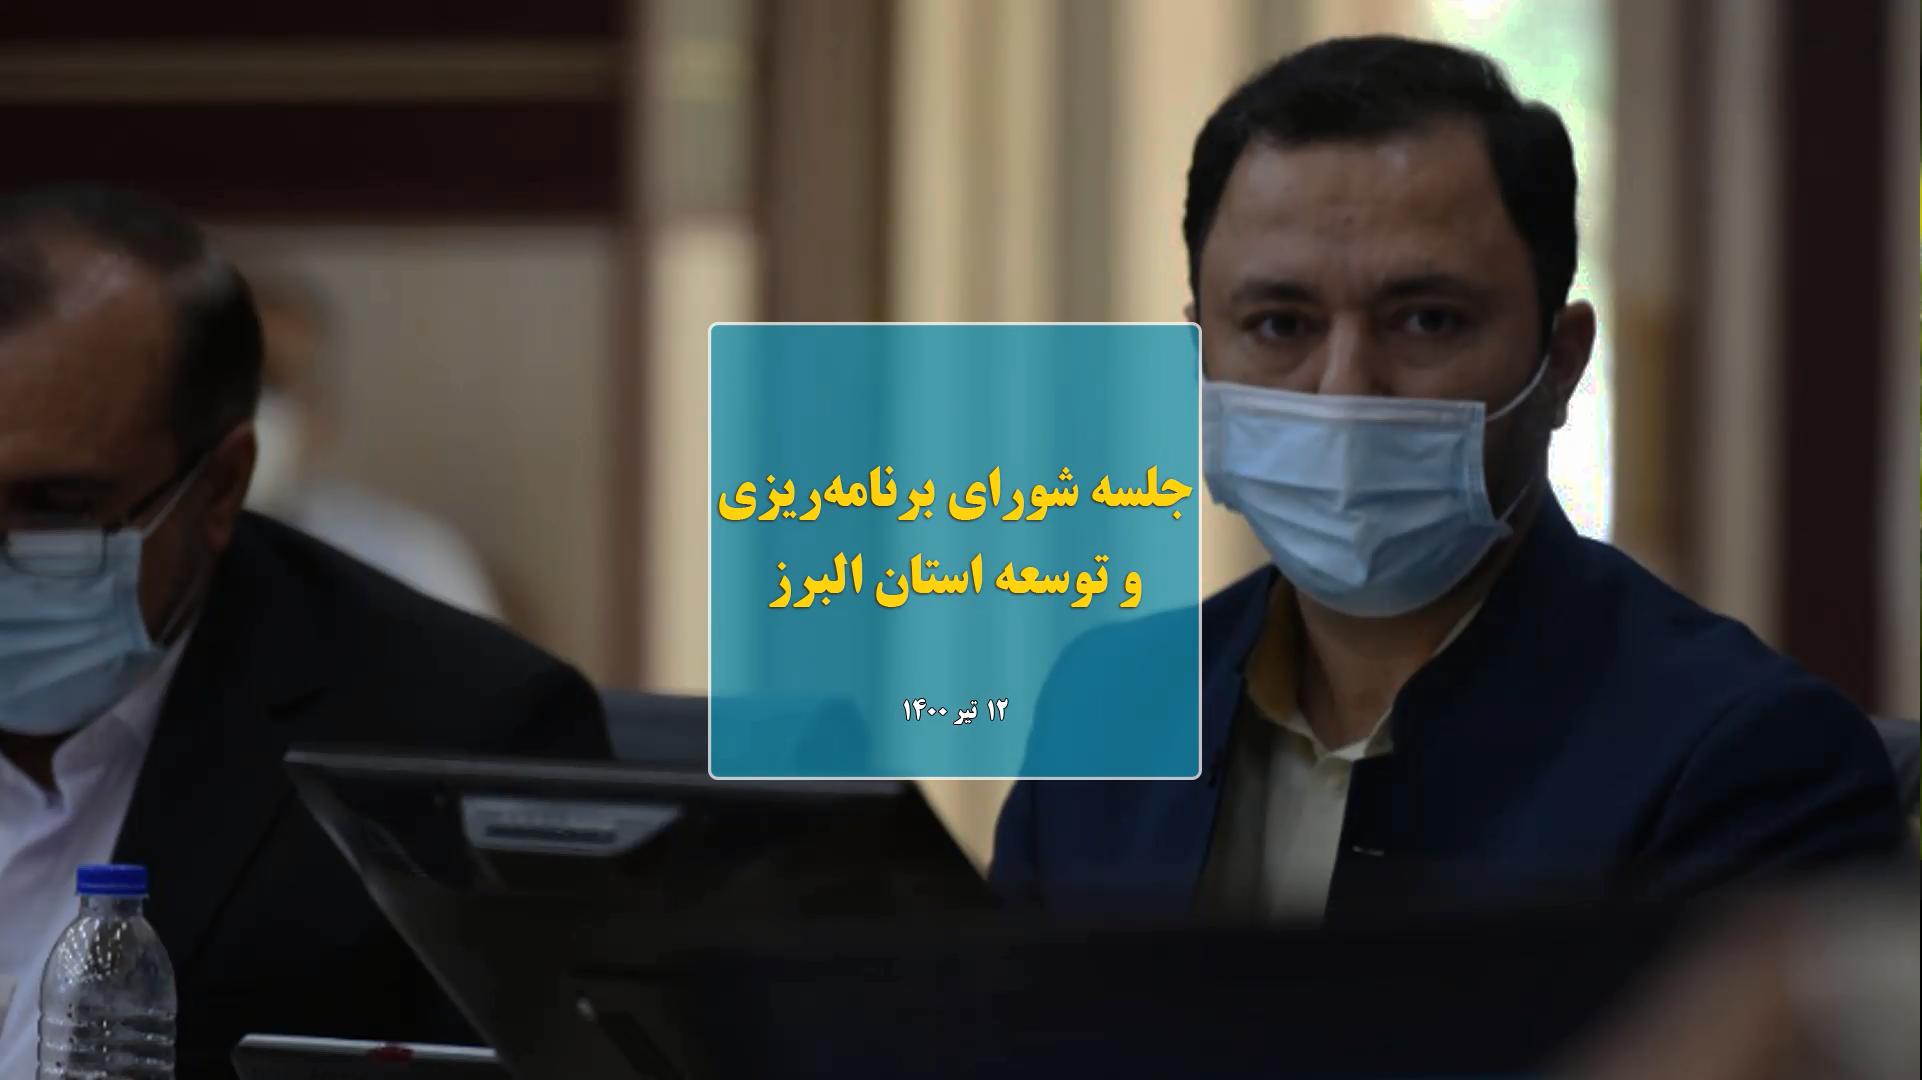 نکات مهدی عسگری در شورای برنامهریزی و توسعه استان البرز